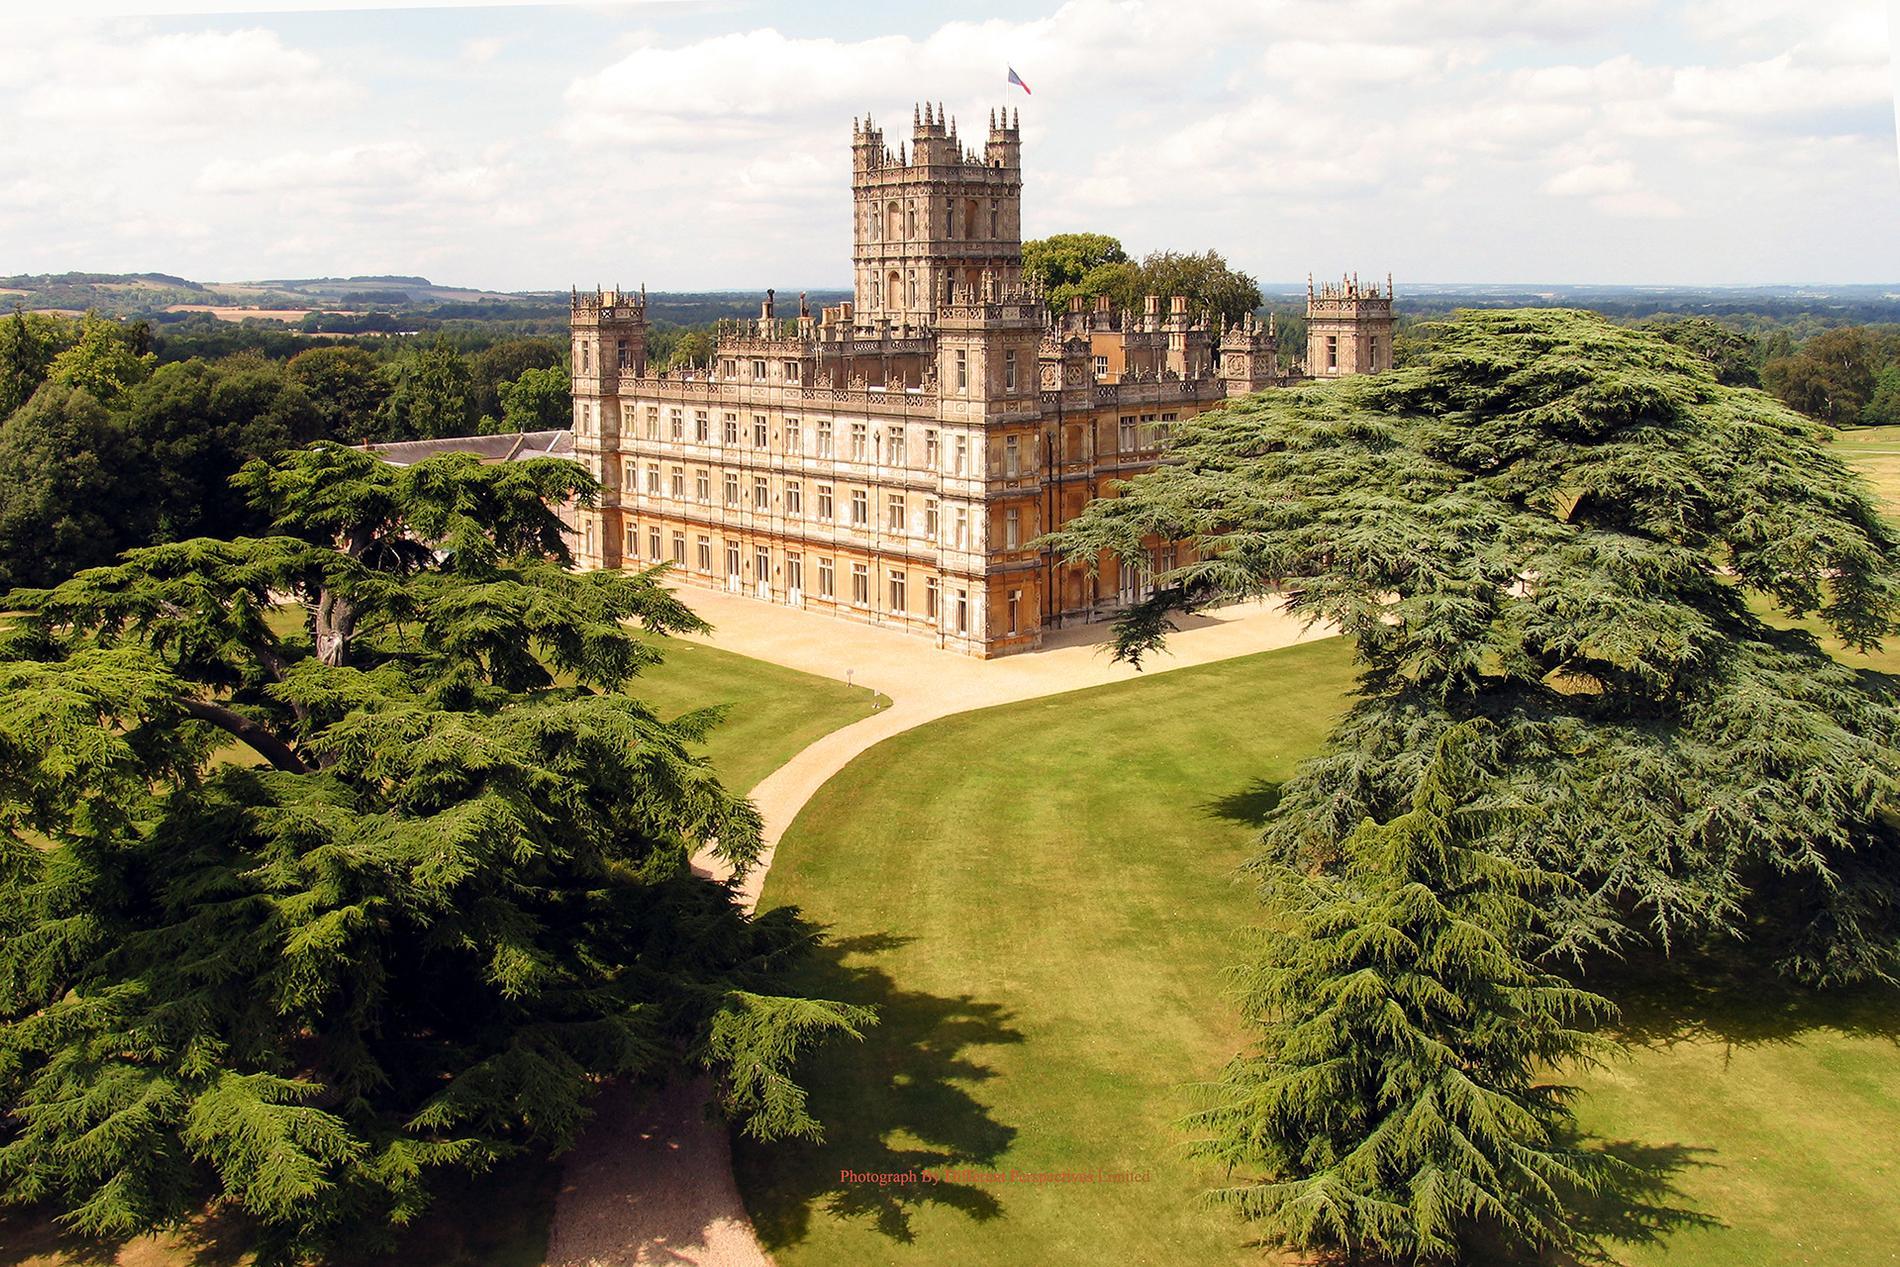 Highclare castle är 9 000 kvadratmeter stort.